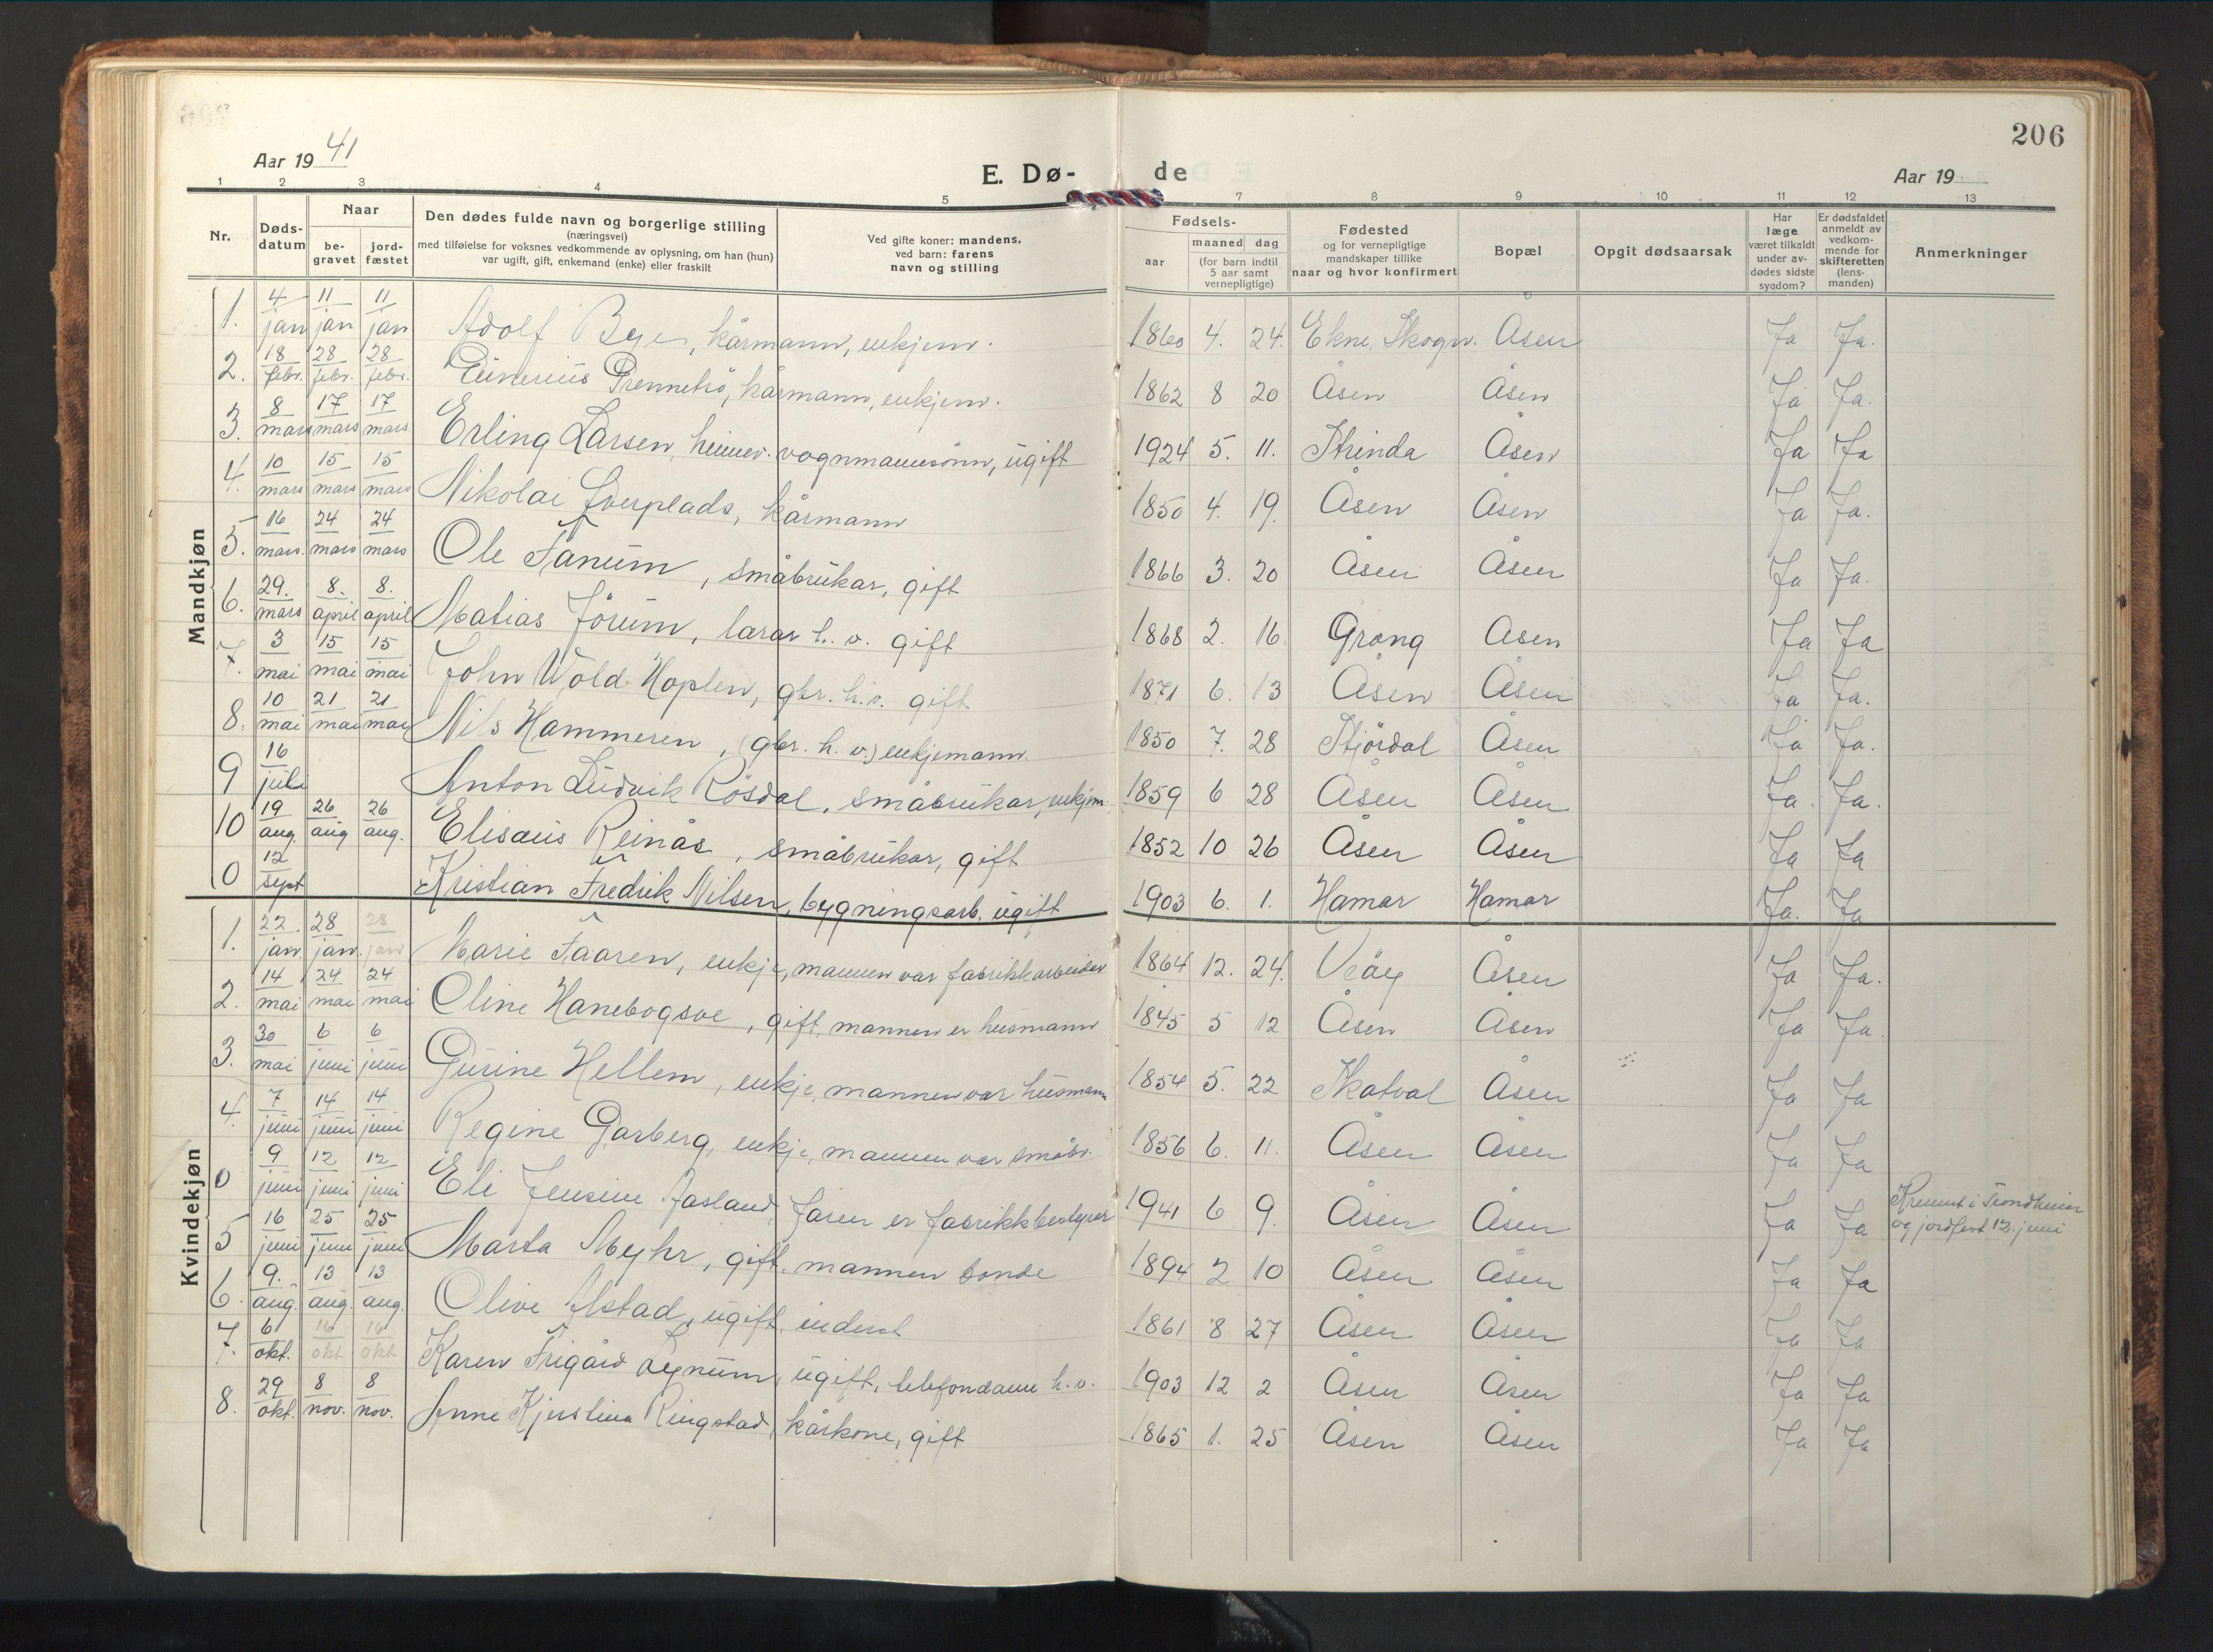 SAT, Ministerialprotokoller, klokkerbøker og fødselsregistre - Nord-Trøndelag, 714/L0136: Klokkerbok nr. 714C05, 1918-1957, s. 206